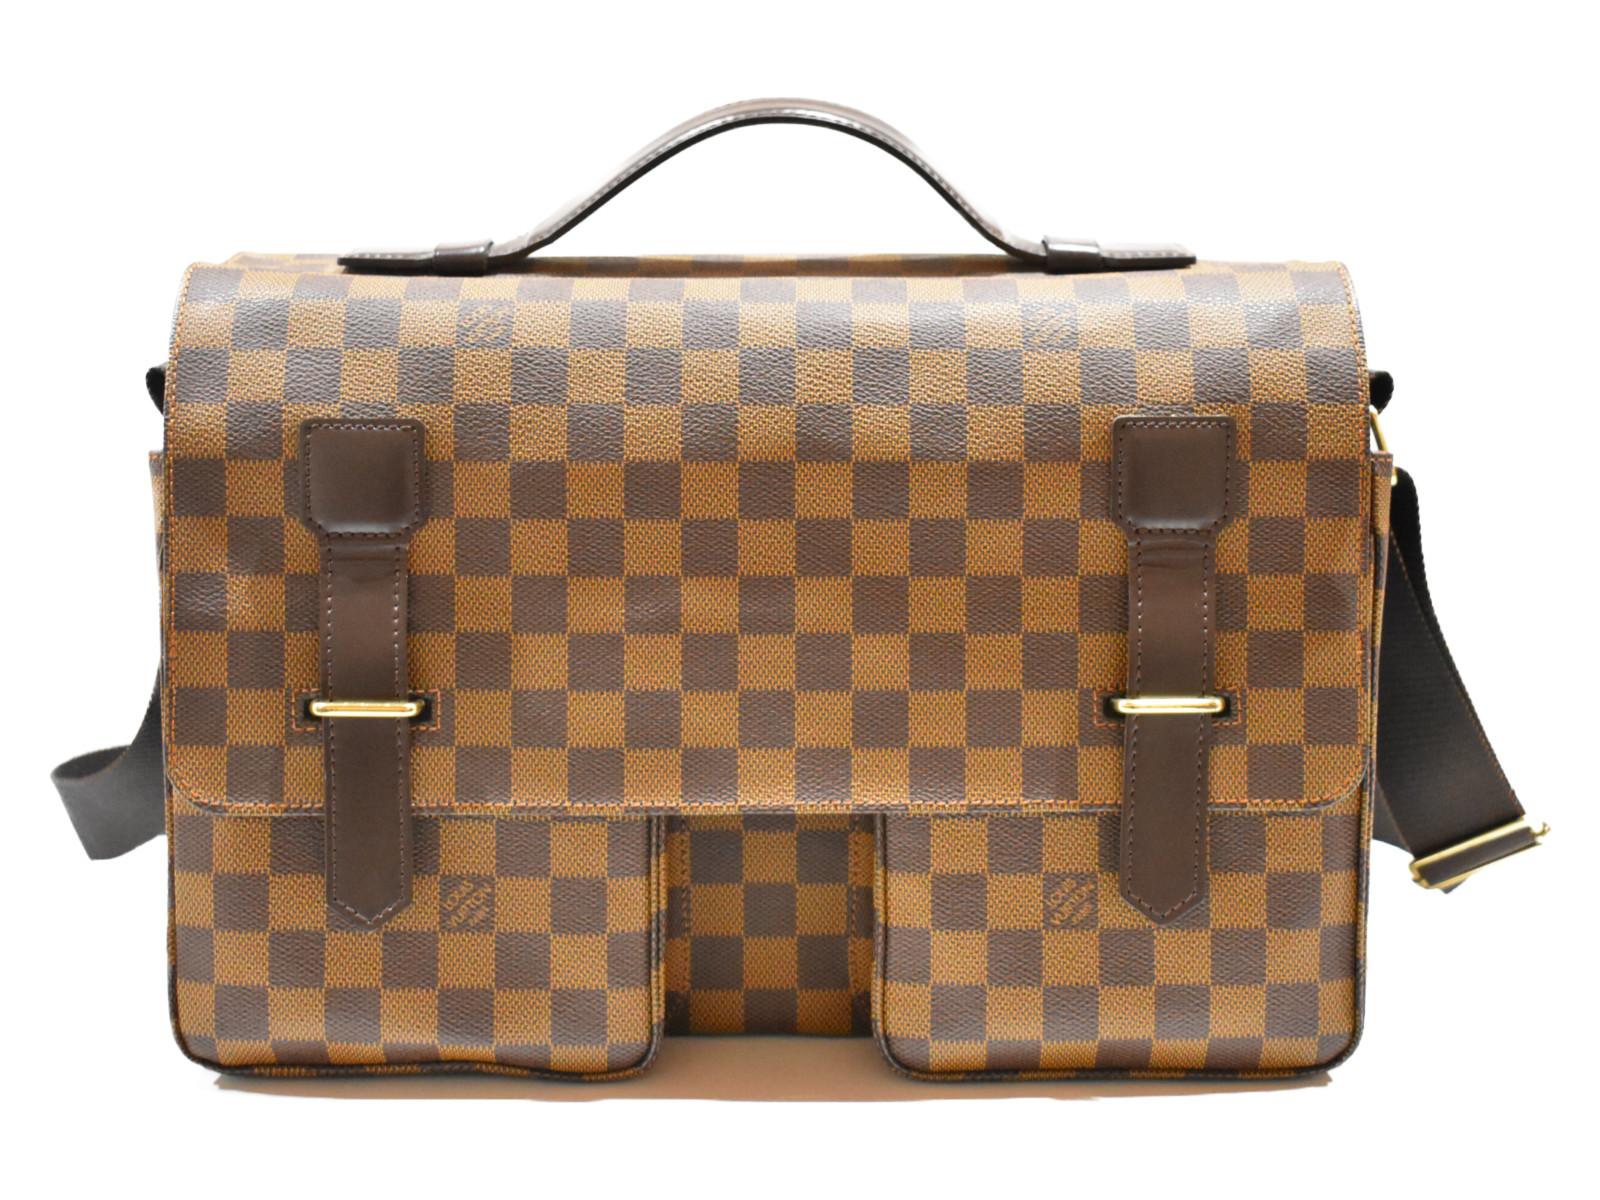 LOUIS VUITTON ブロードウェイ N42270 ダミエ ショルダーバッグ メンズ シンプル プレゼント包装可 【中古】